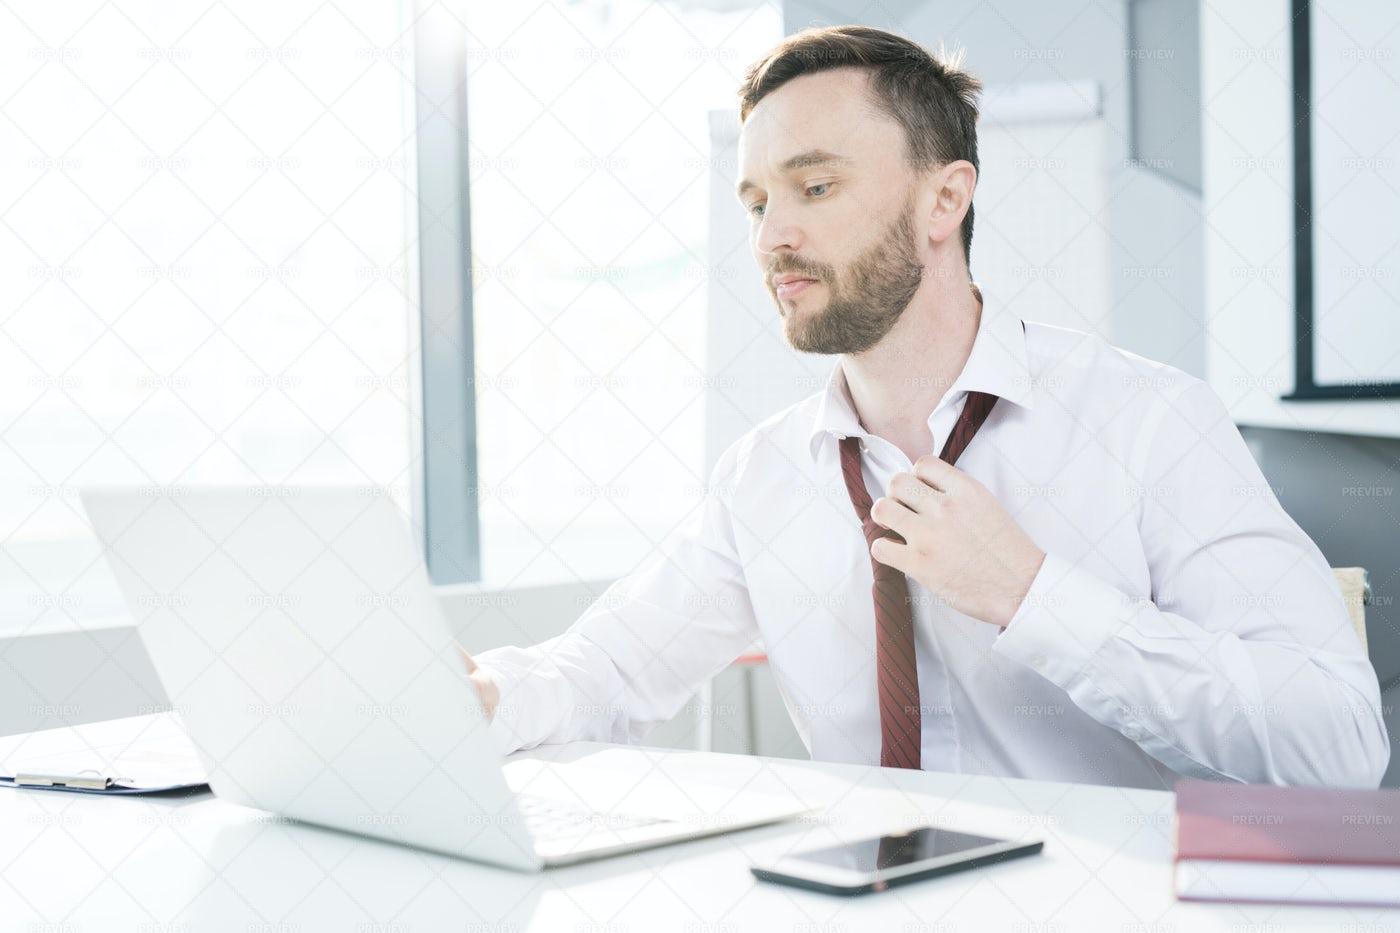 Businessman Loosening Tie: Stock Photos